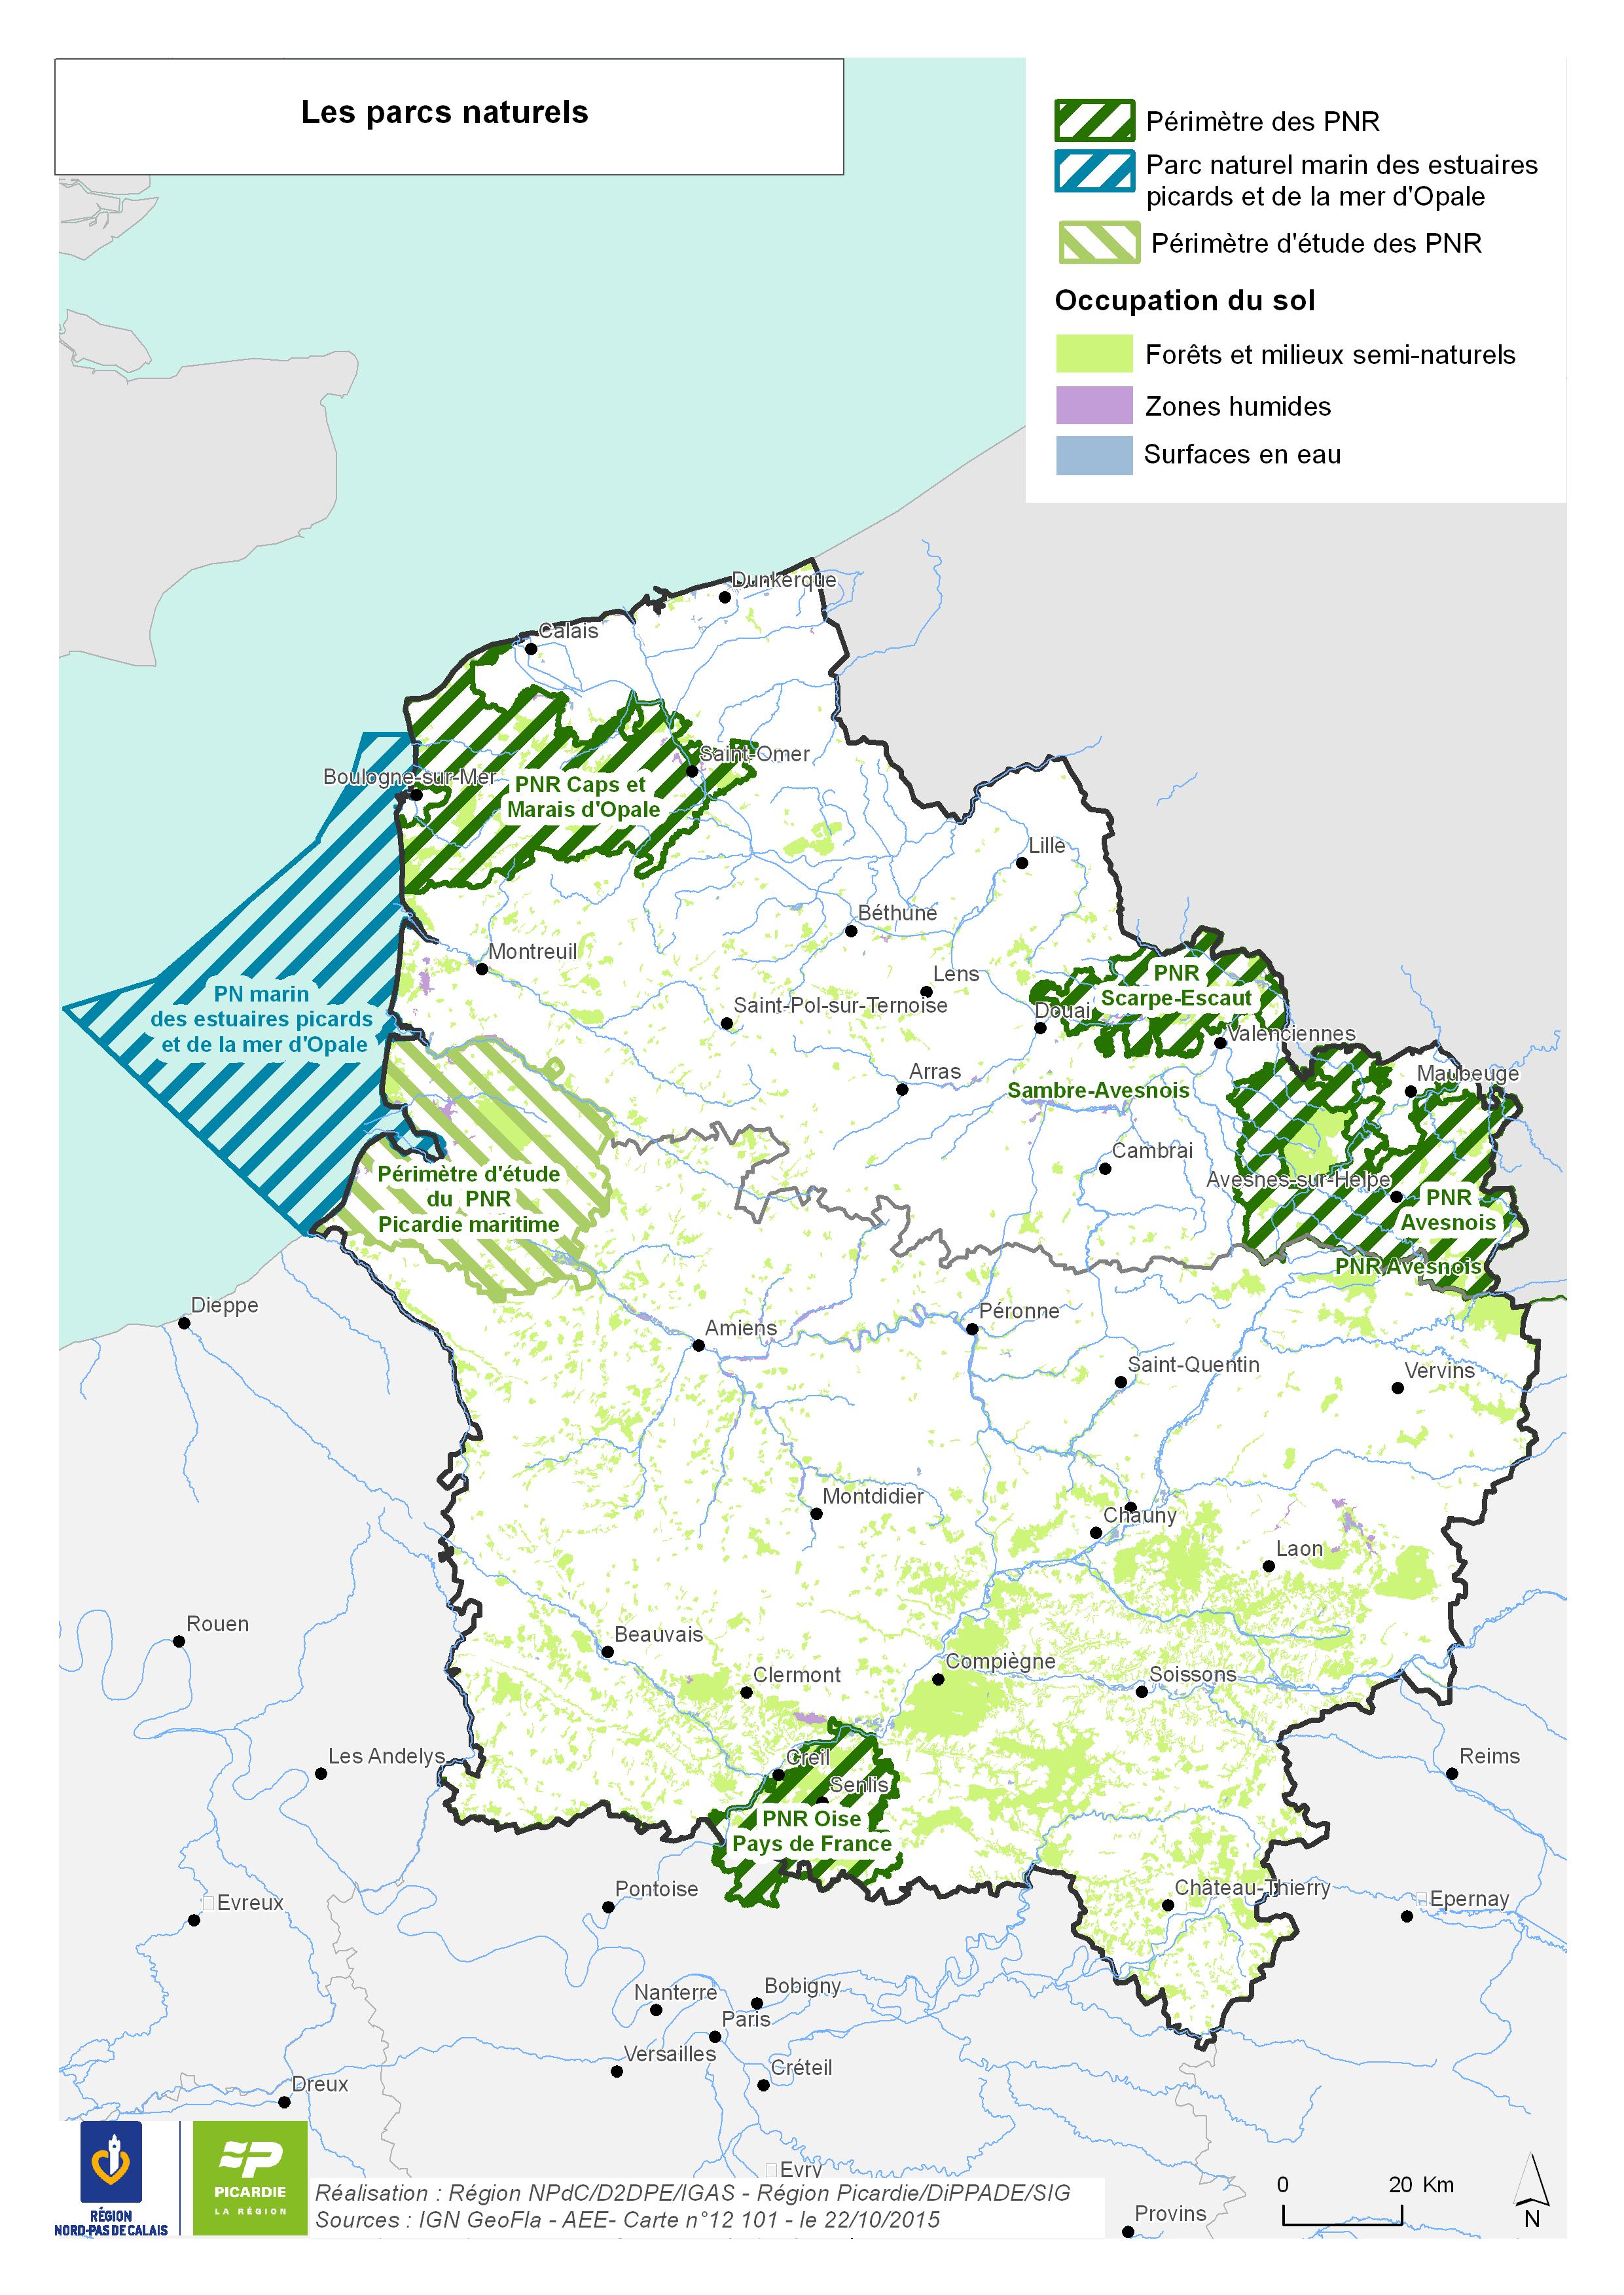 Carte des parcs naturels Hauts-de-France